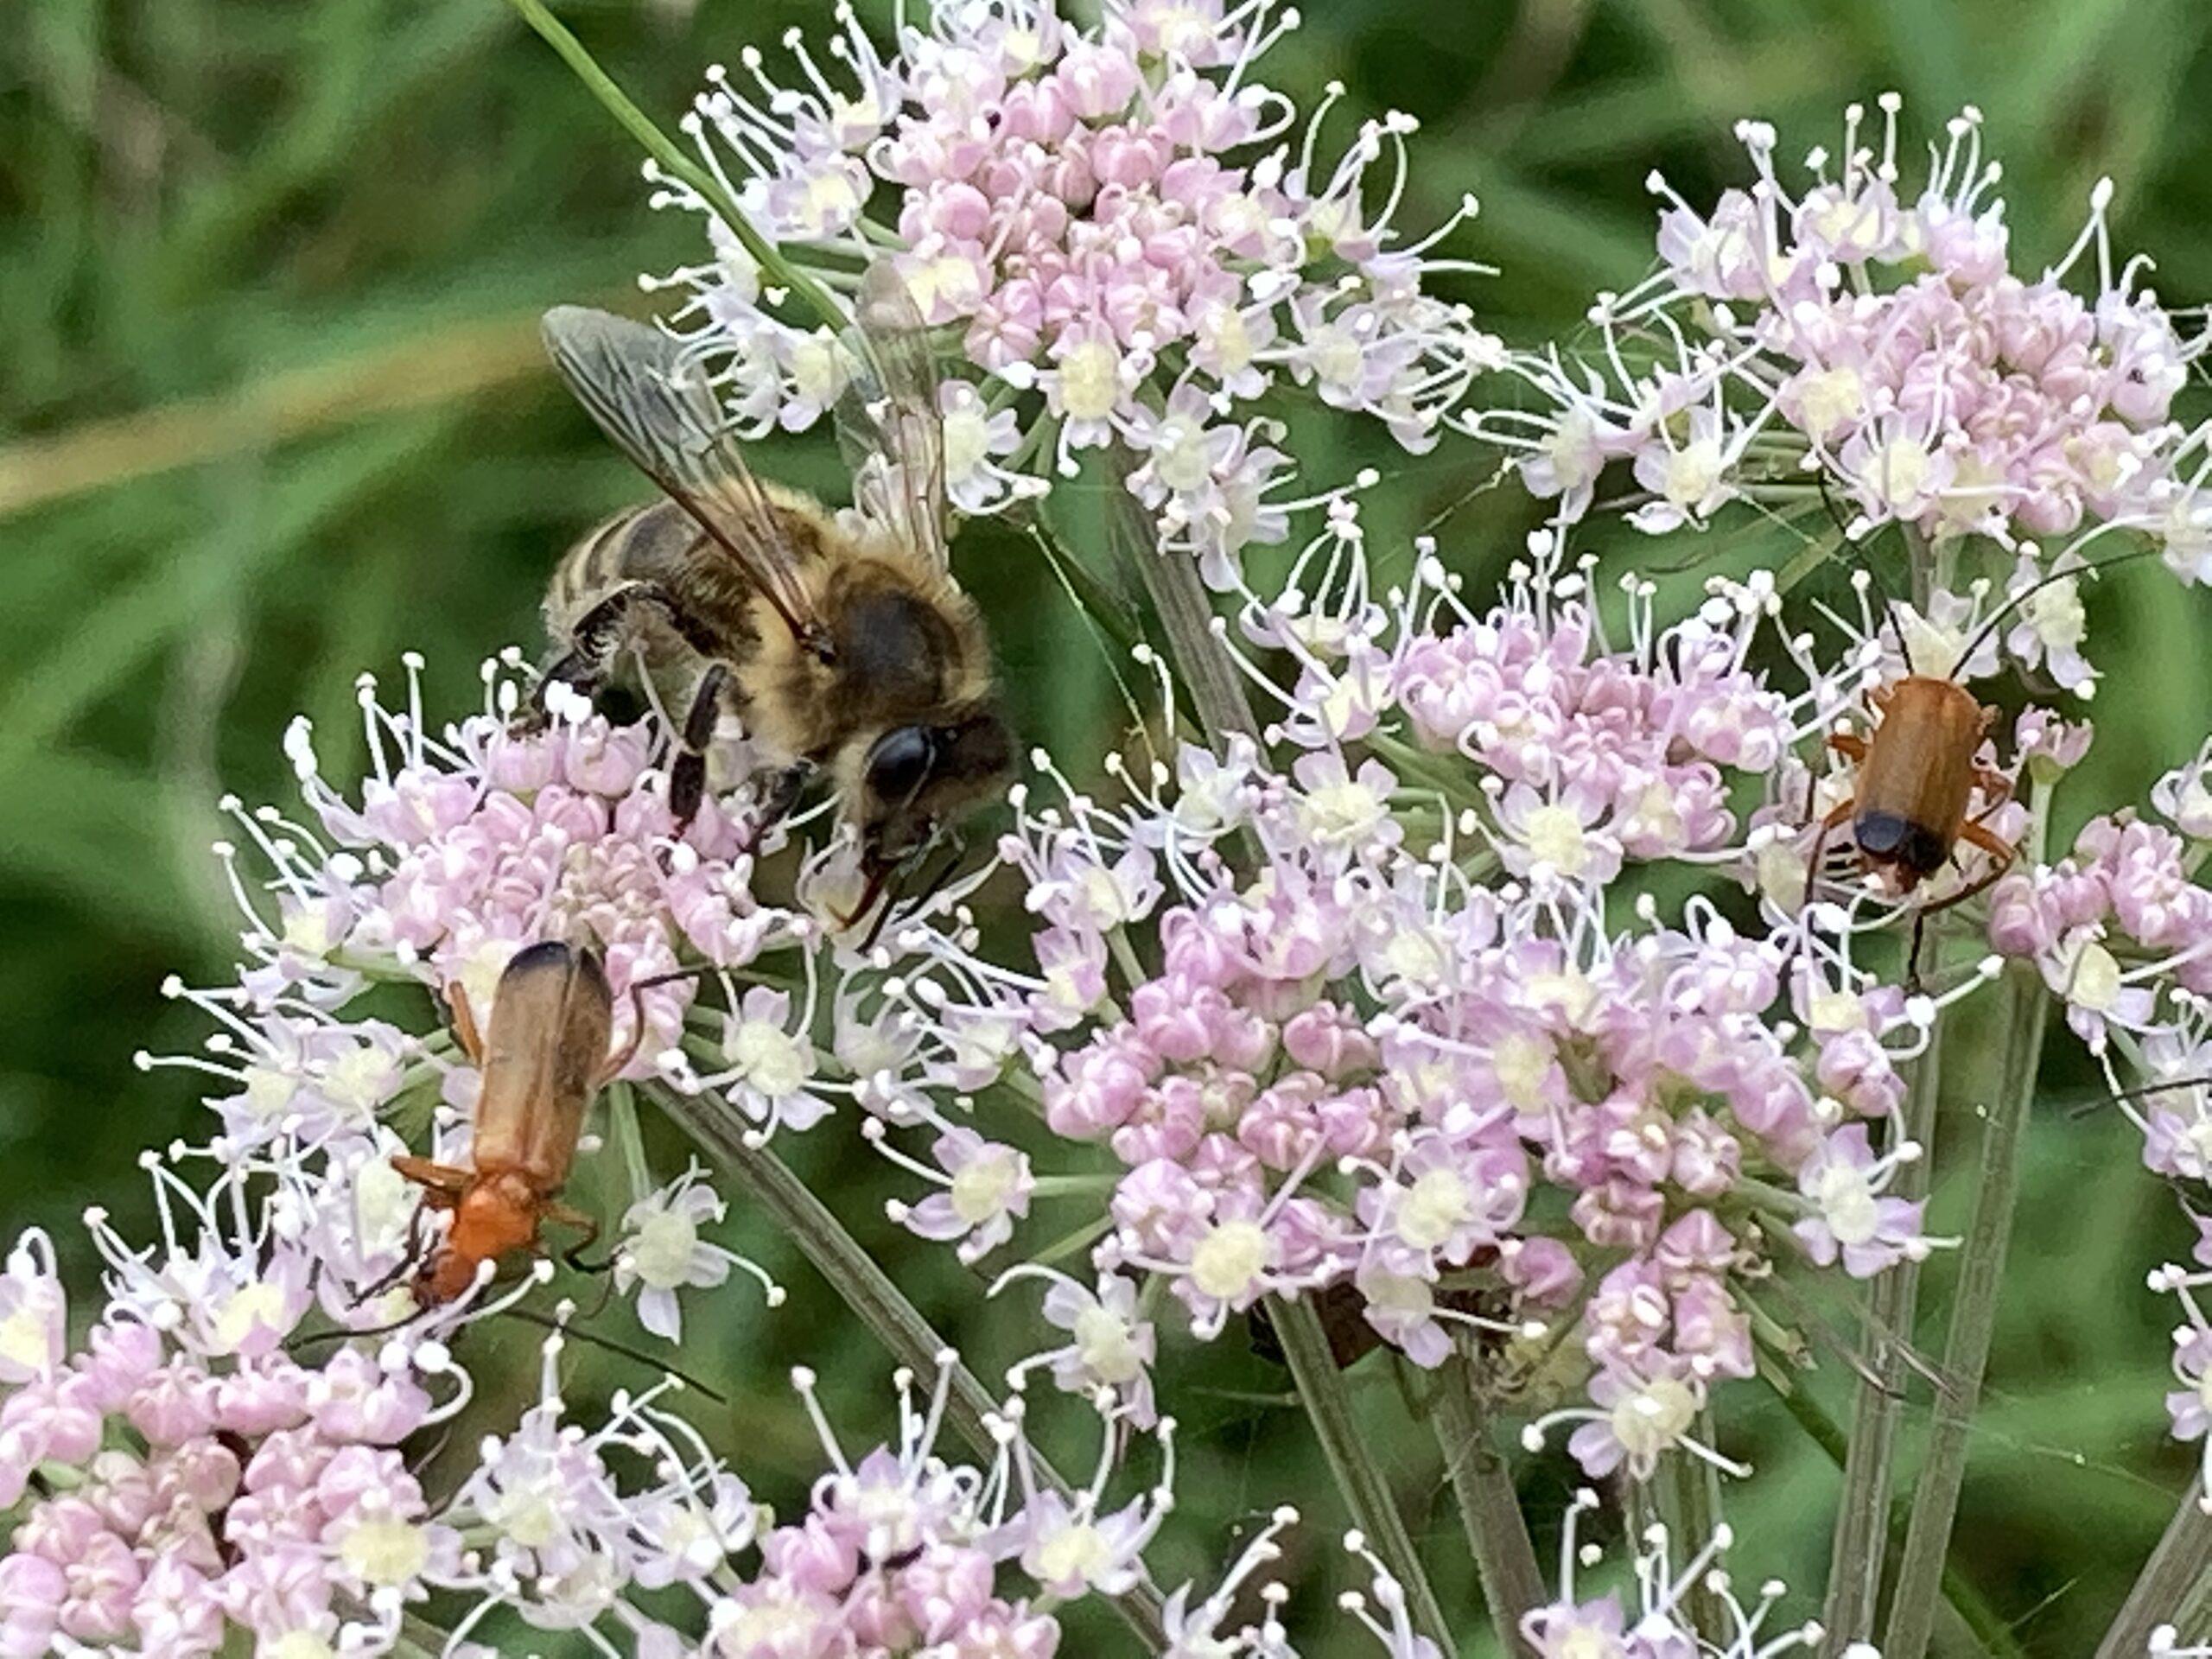 Dark European honey bee